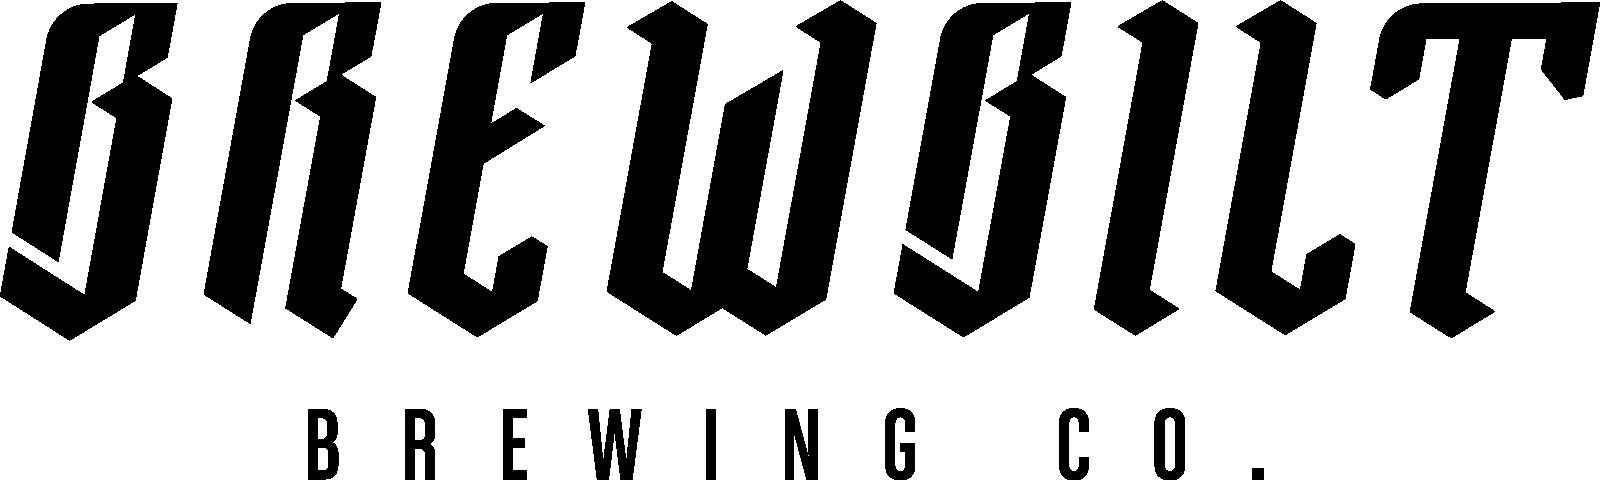 BrewBilt Brewing Company